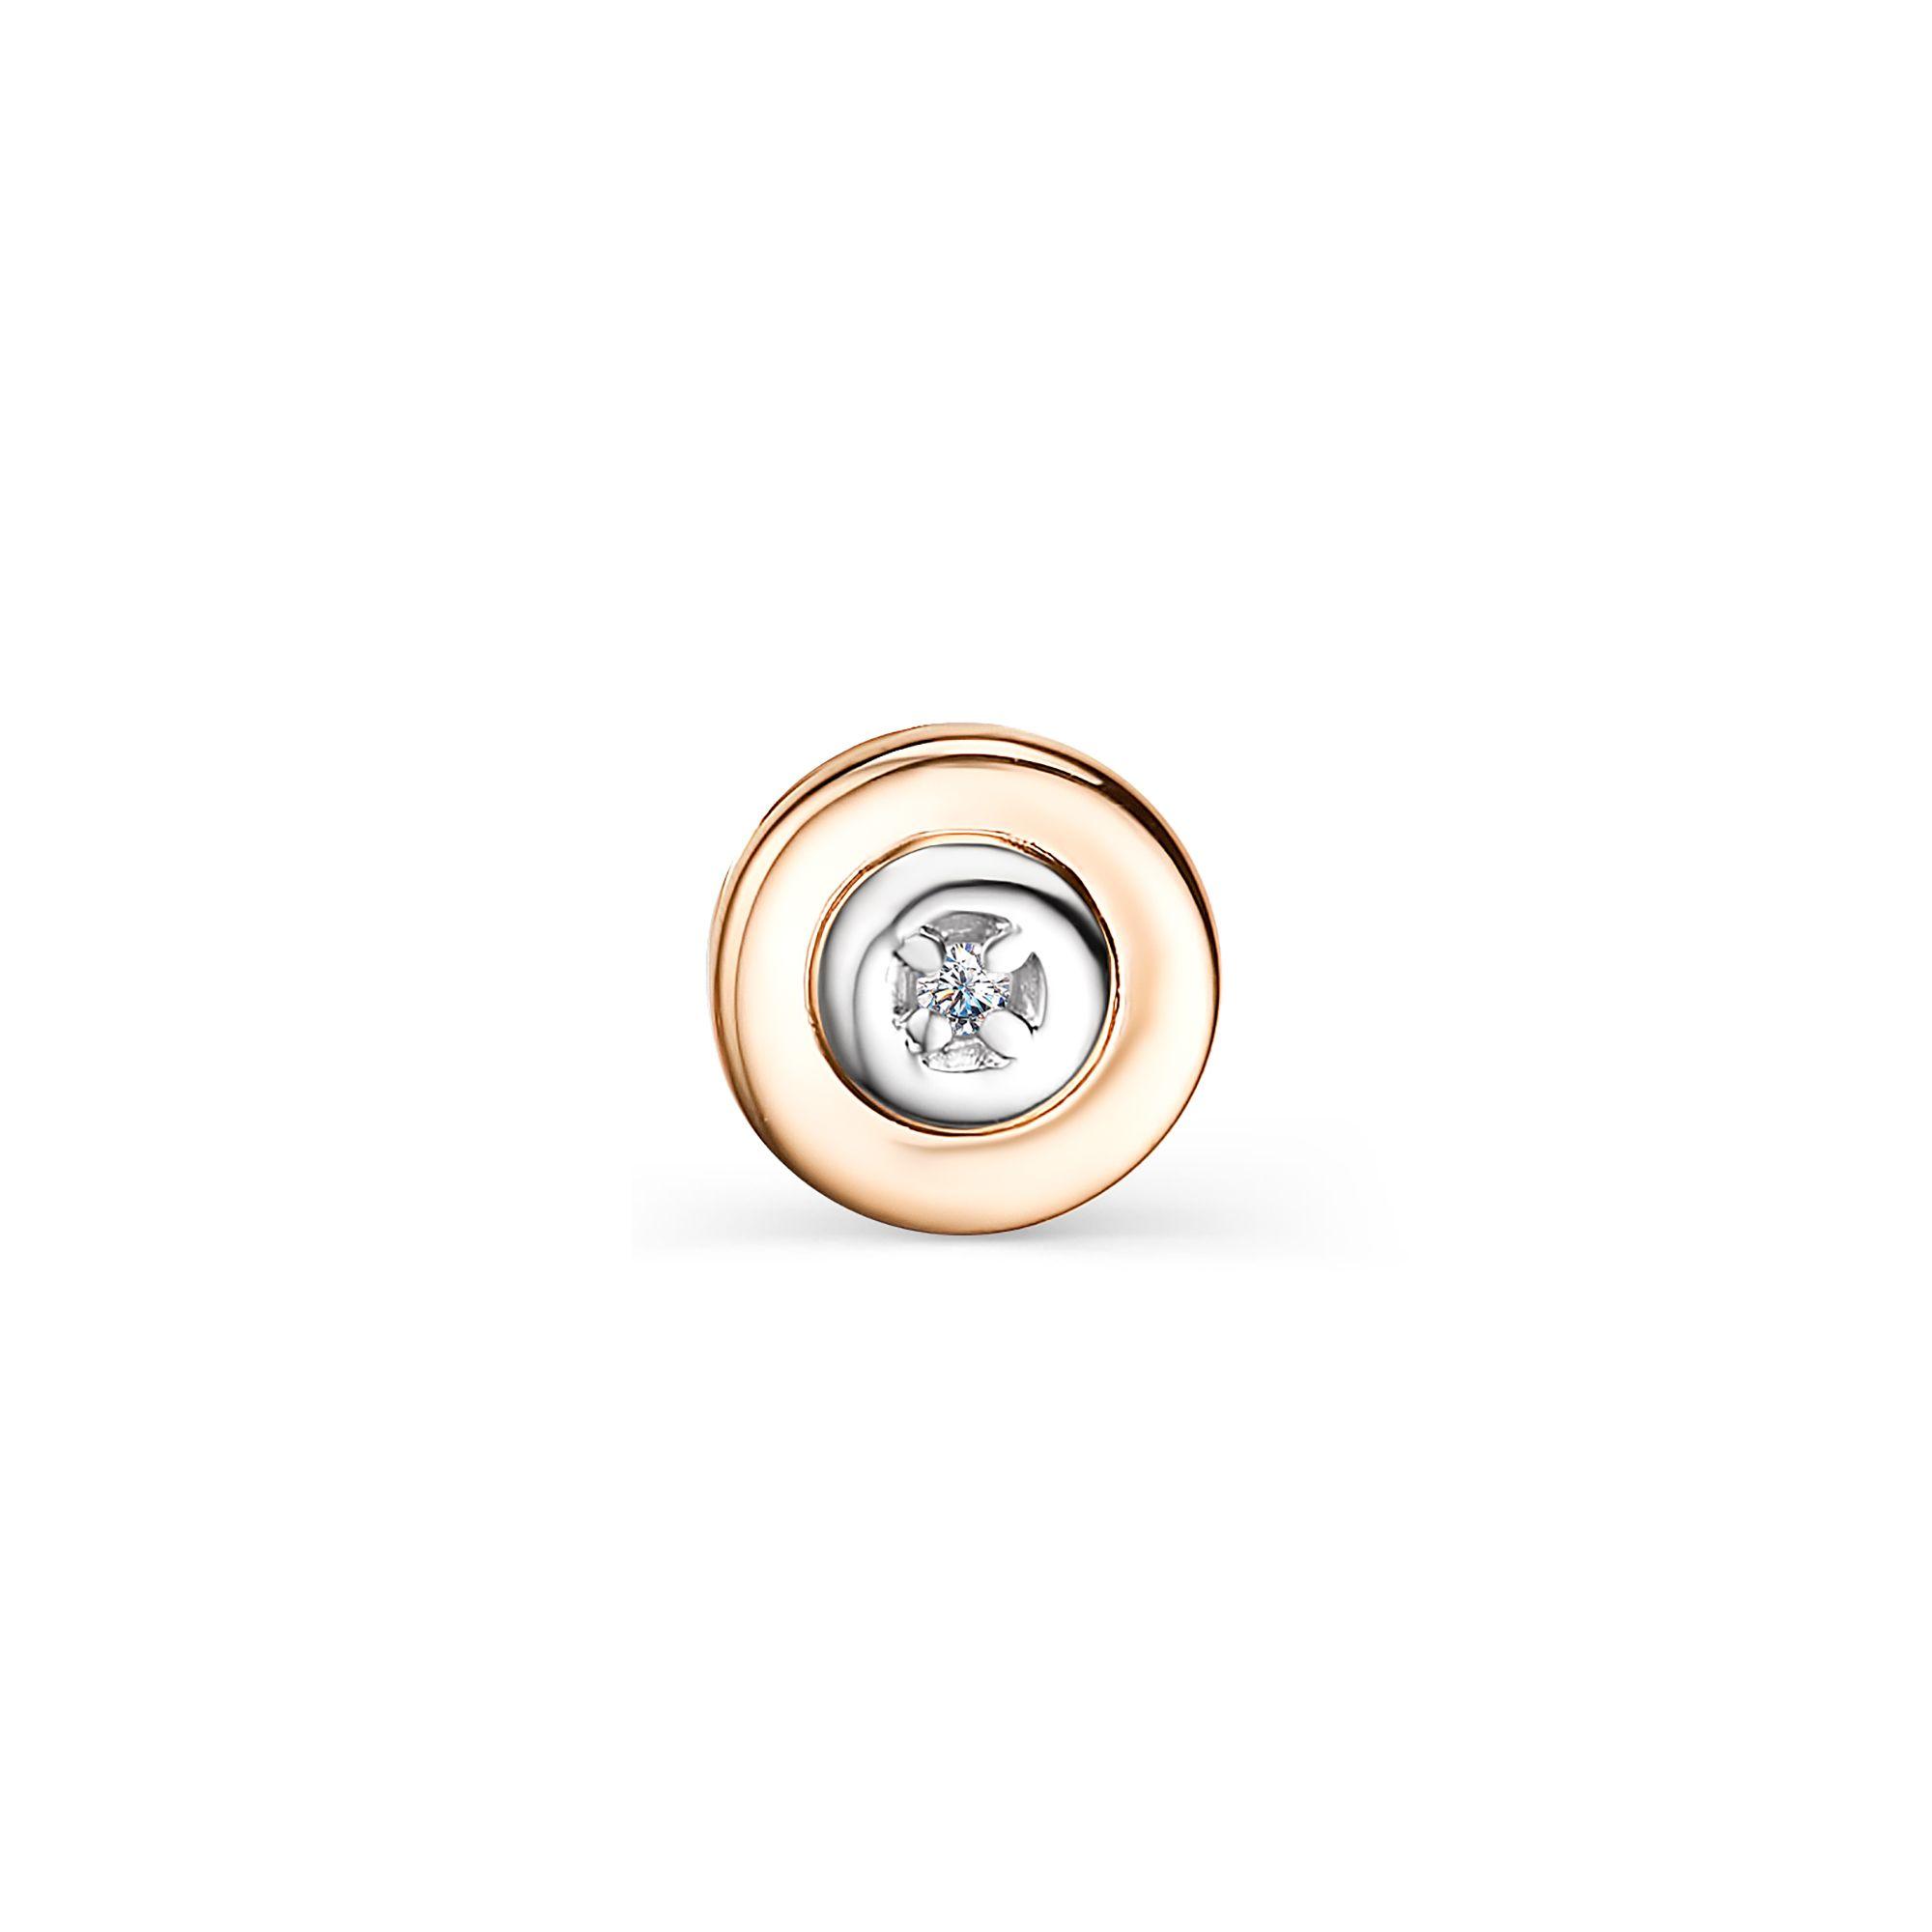 картинка подвеска 33774-100 1 бриллиант круг 17 0,004 200-400 2/3а 33774-100